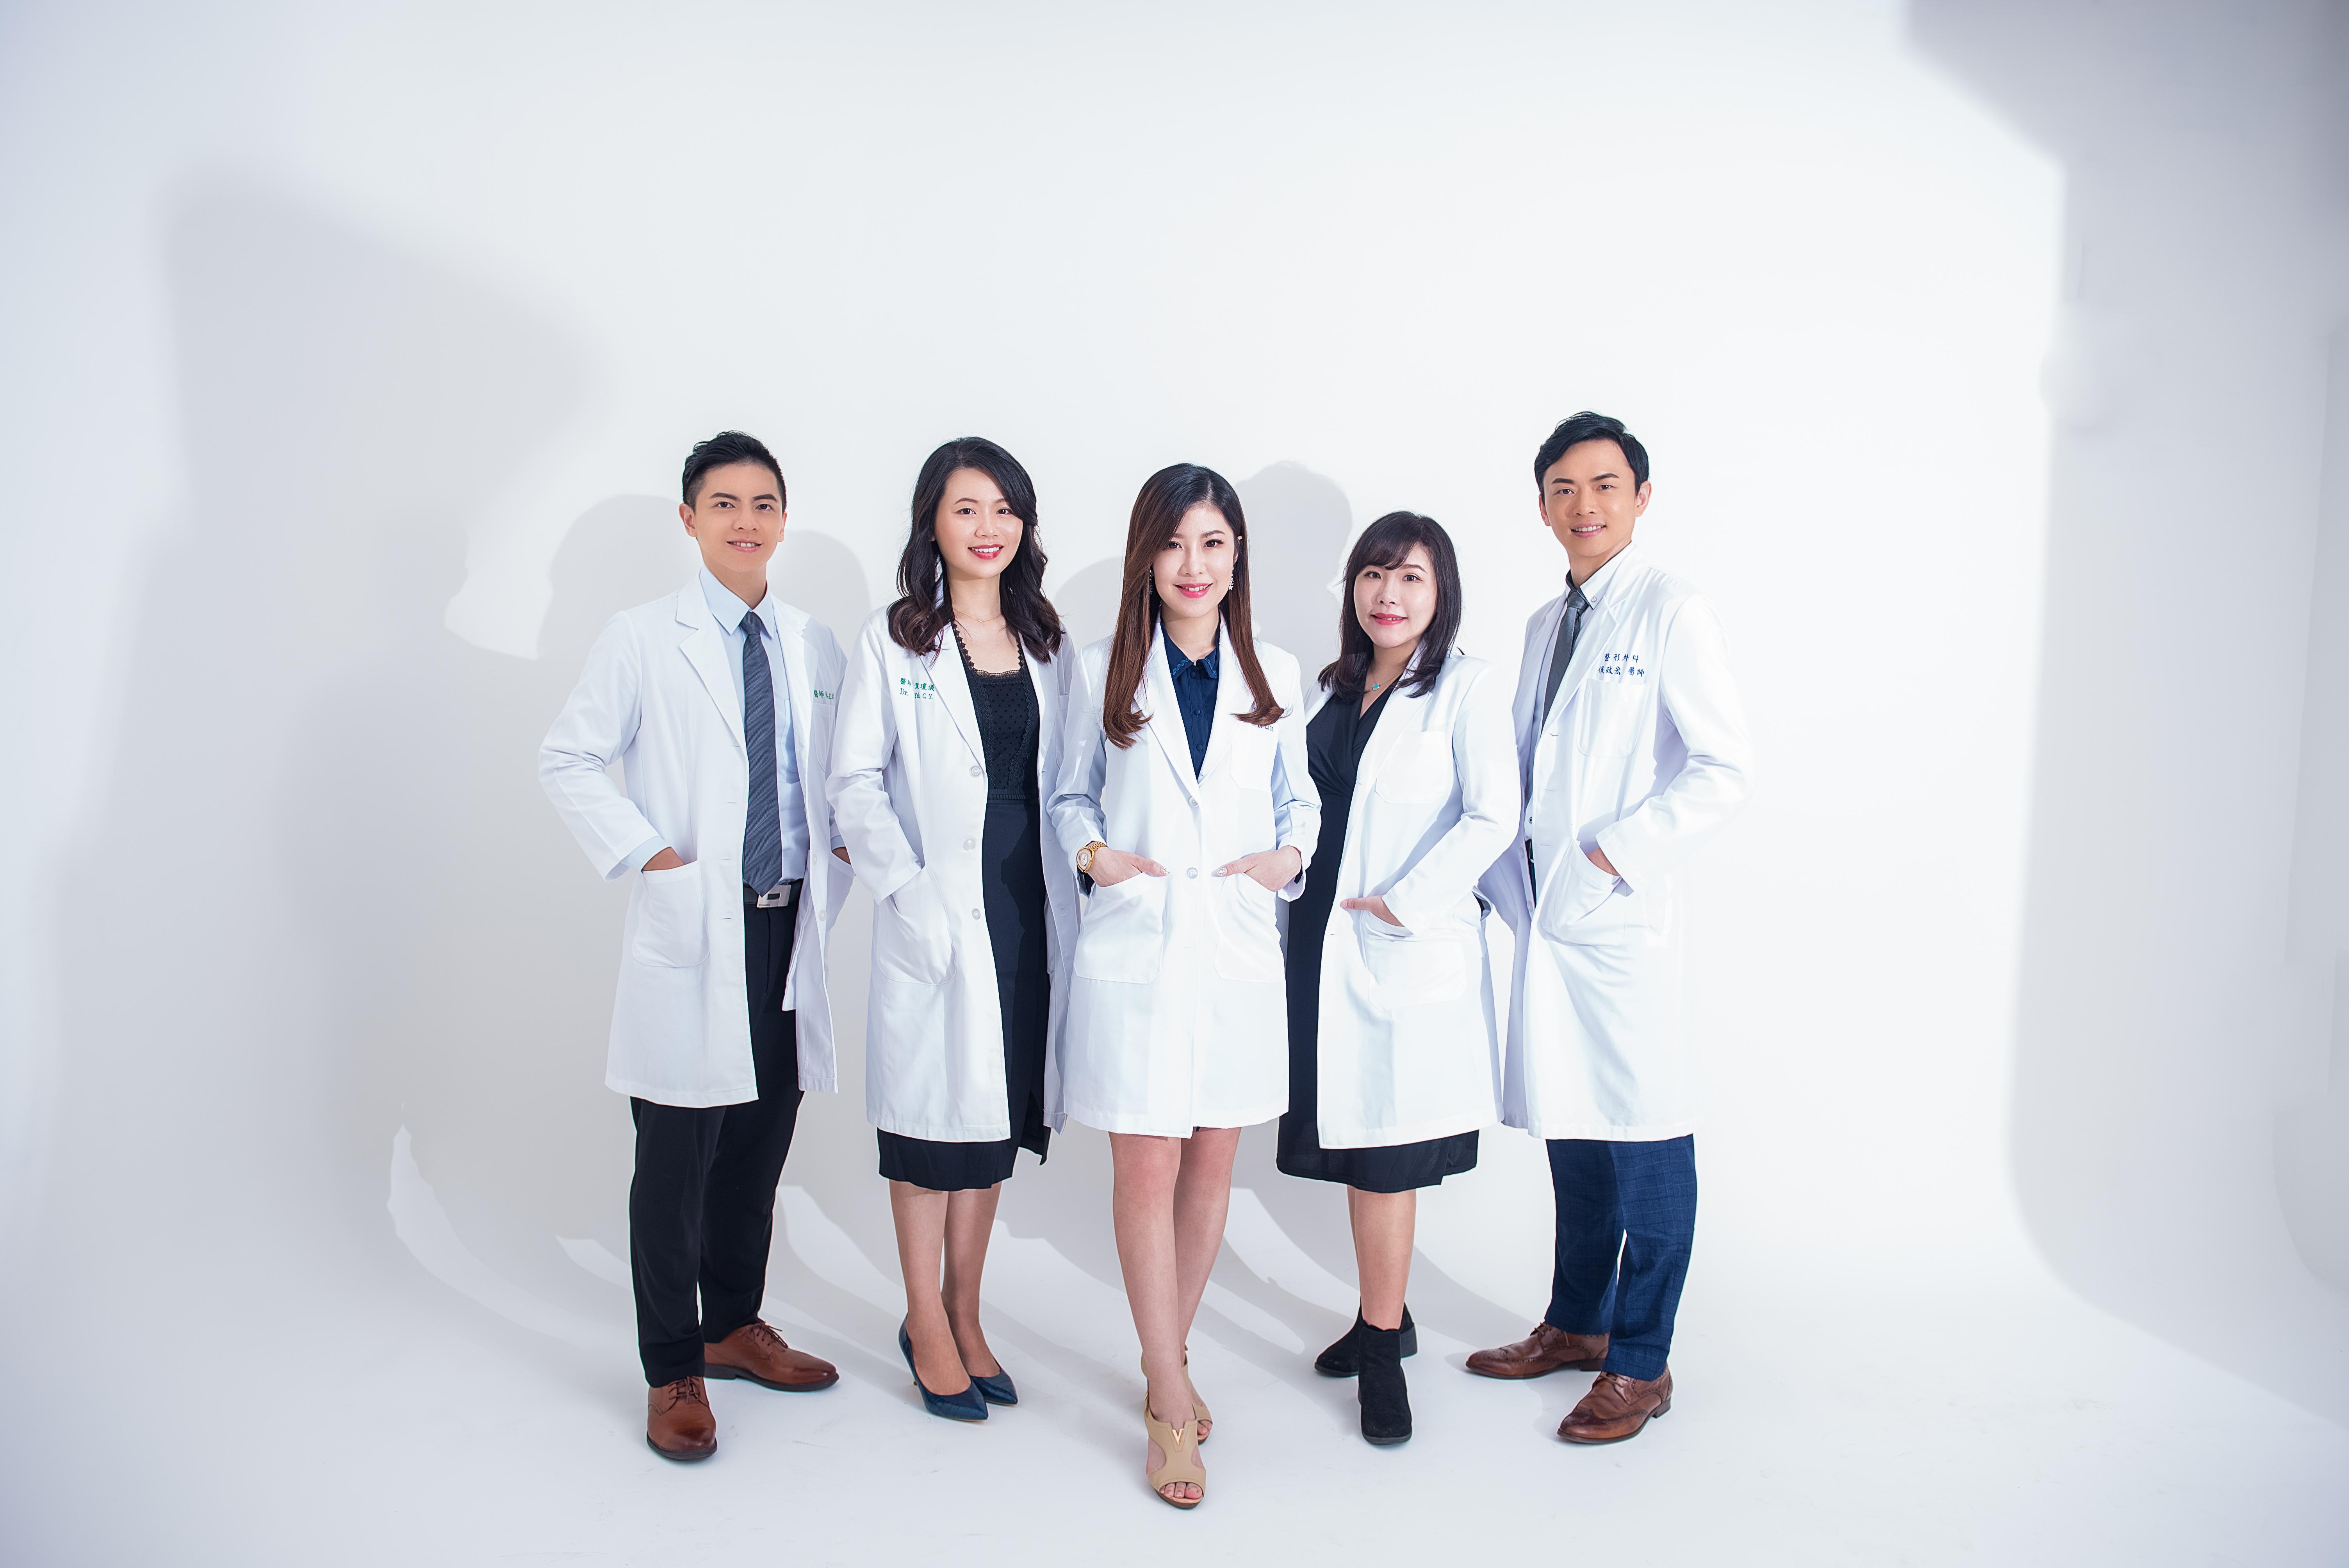 井欣生醫 AQUA C. 花漾皙 保養品代言團體形象照